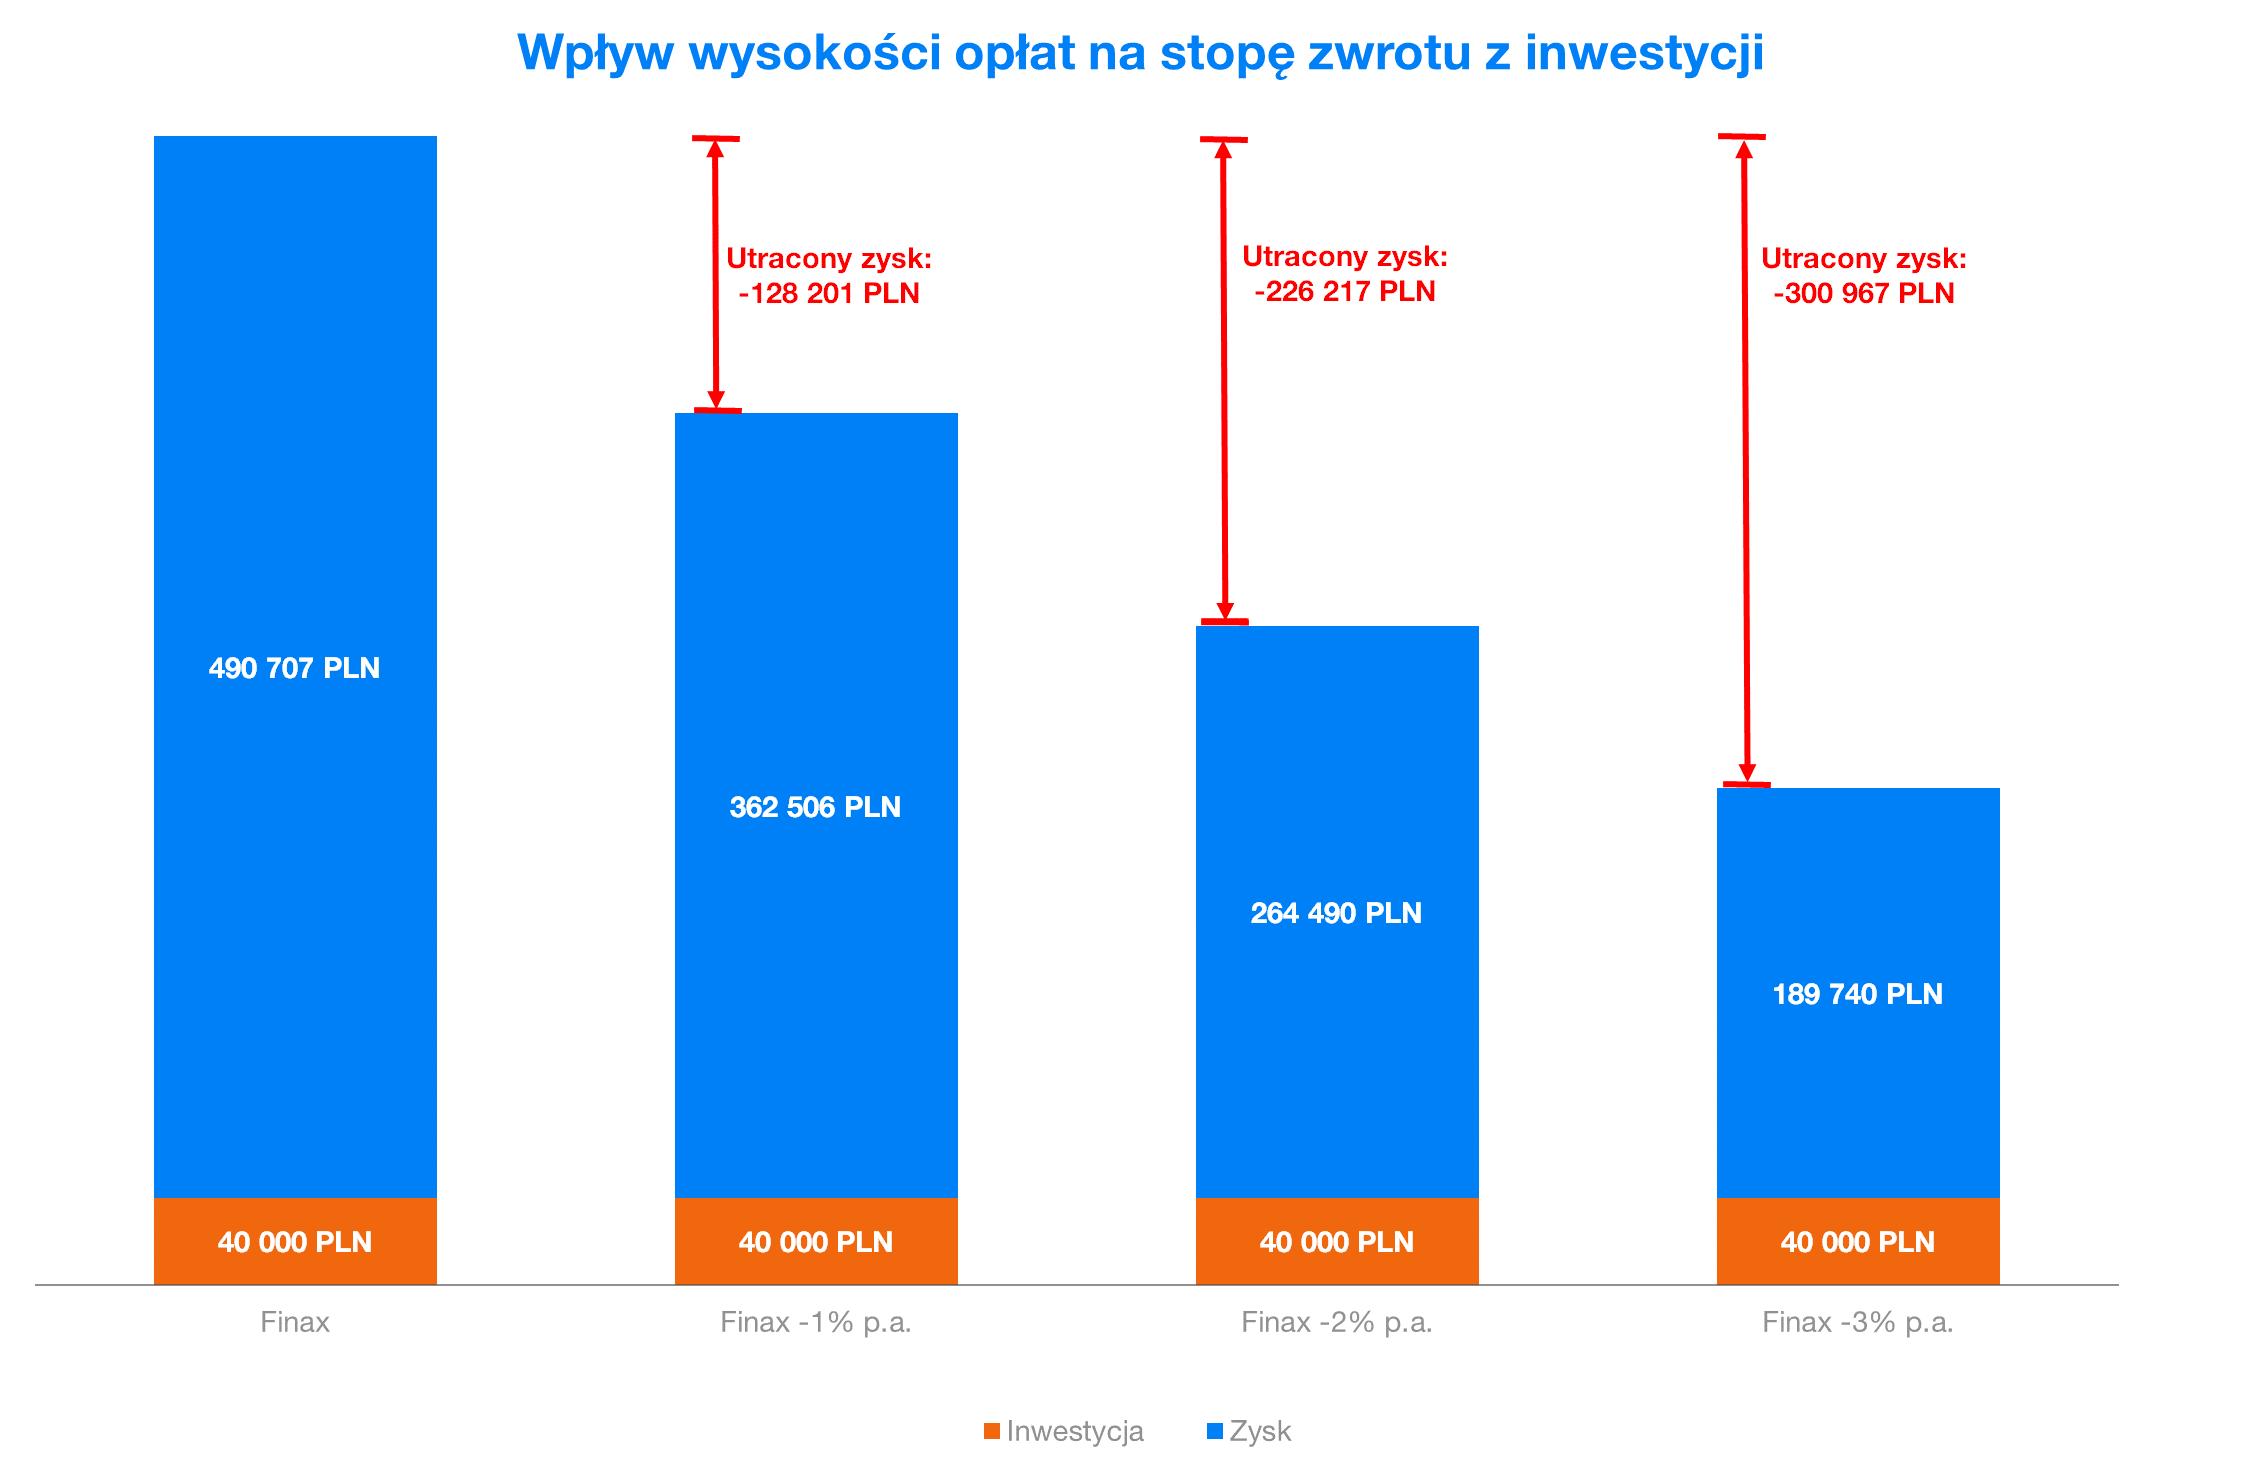 Wplyw wysokosci oplat na stope zwrotu z inwestycji | Finax.eu/pl